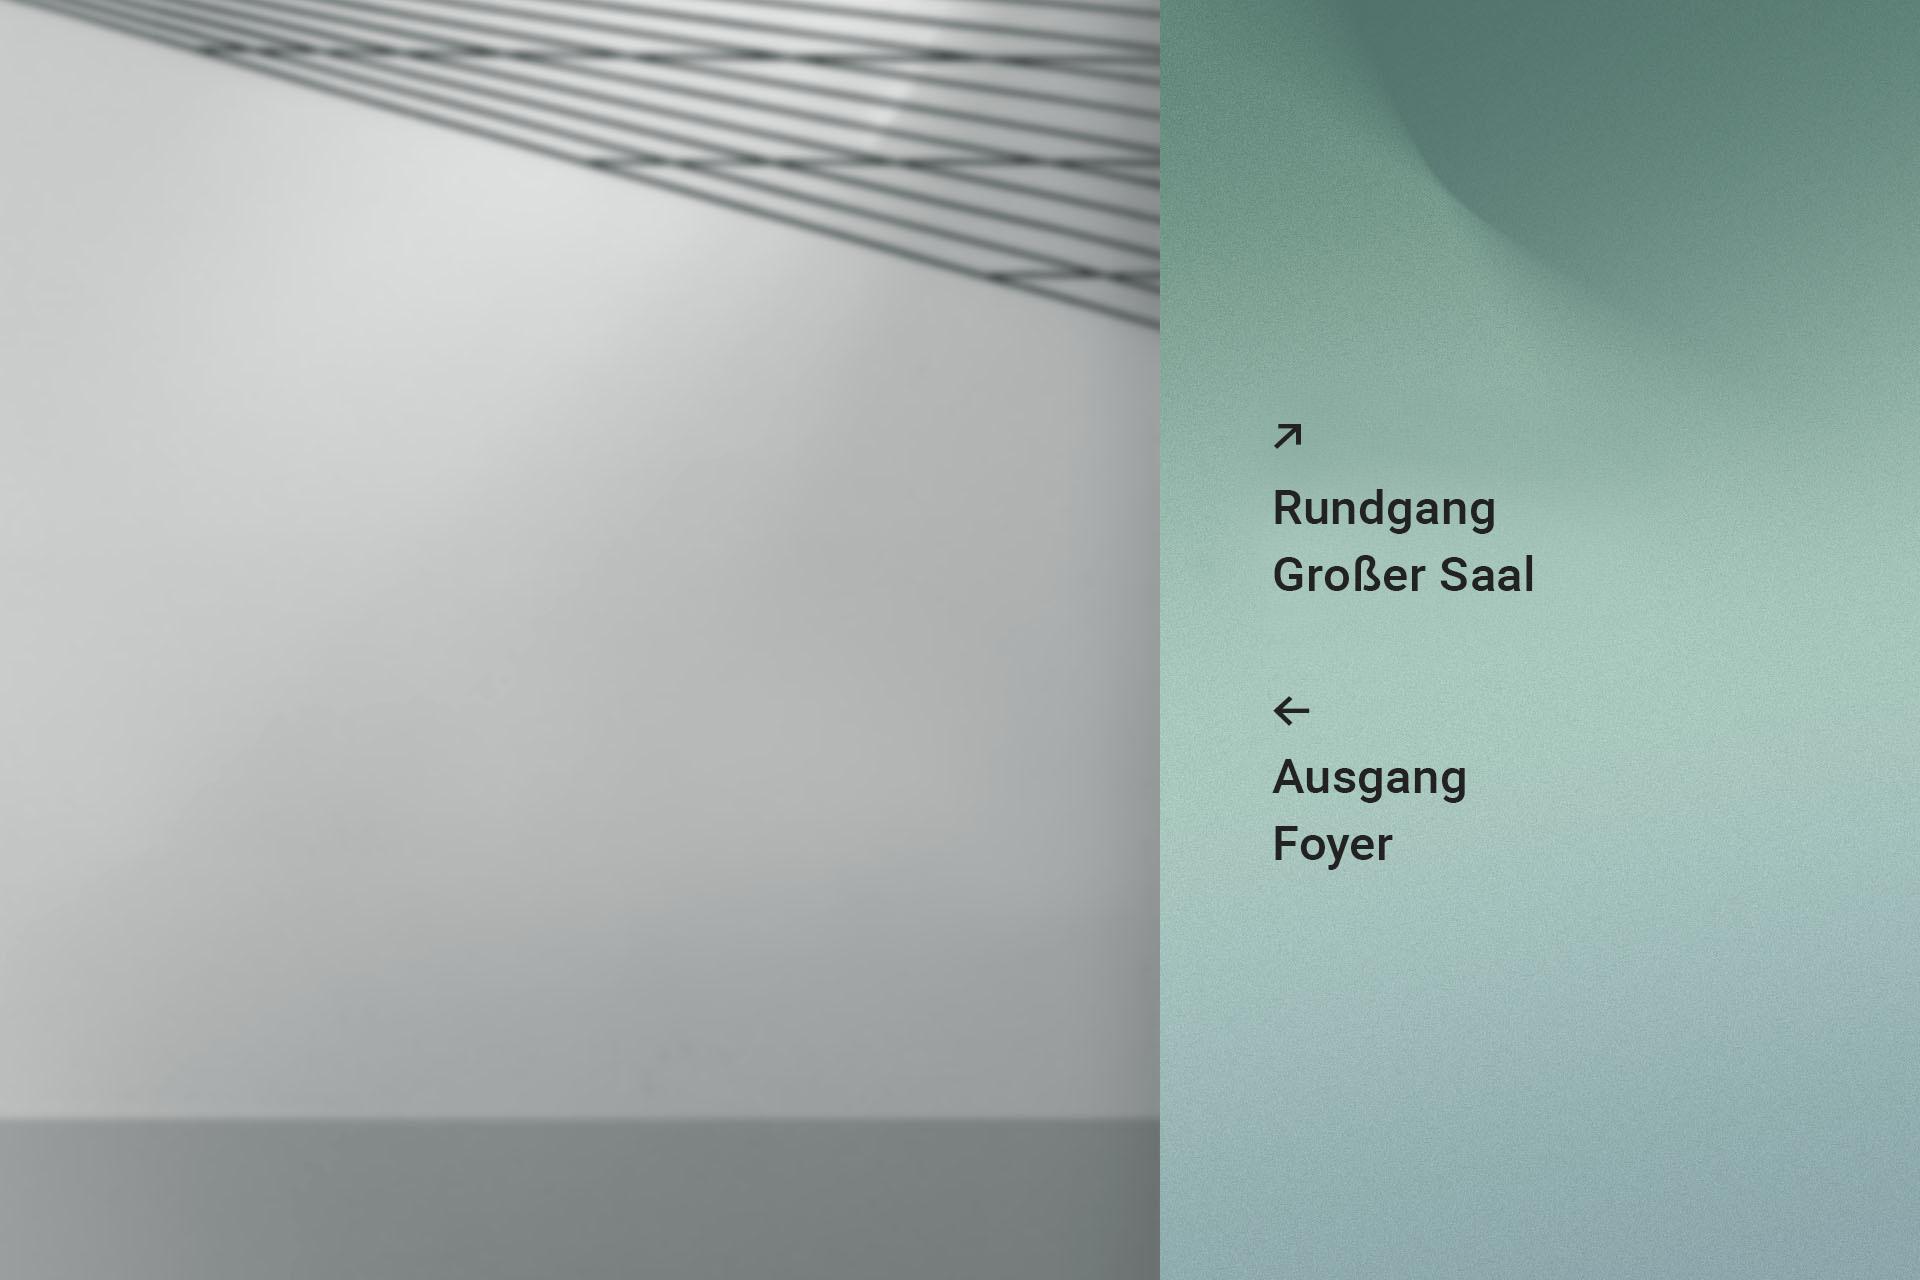 Leitsysteme Orientierungssysteme, Designagentur Diemer & Schweig